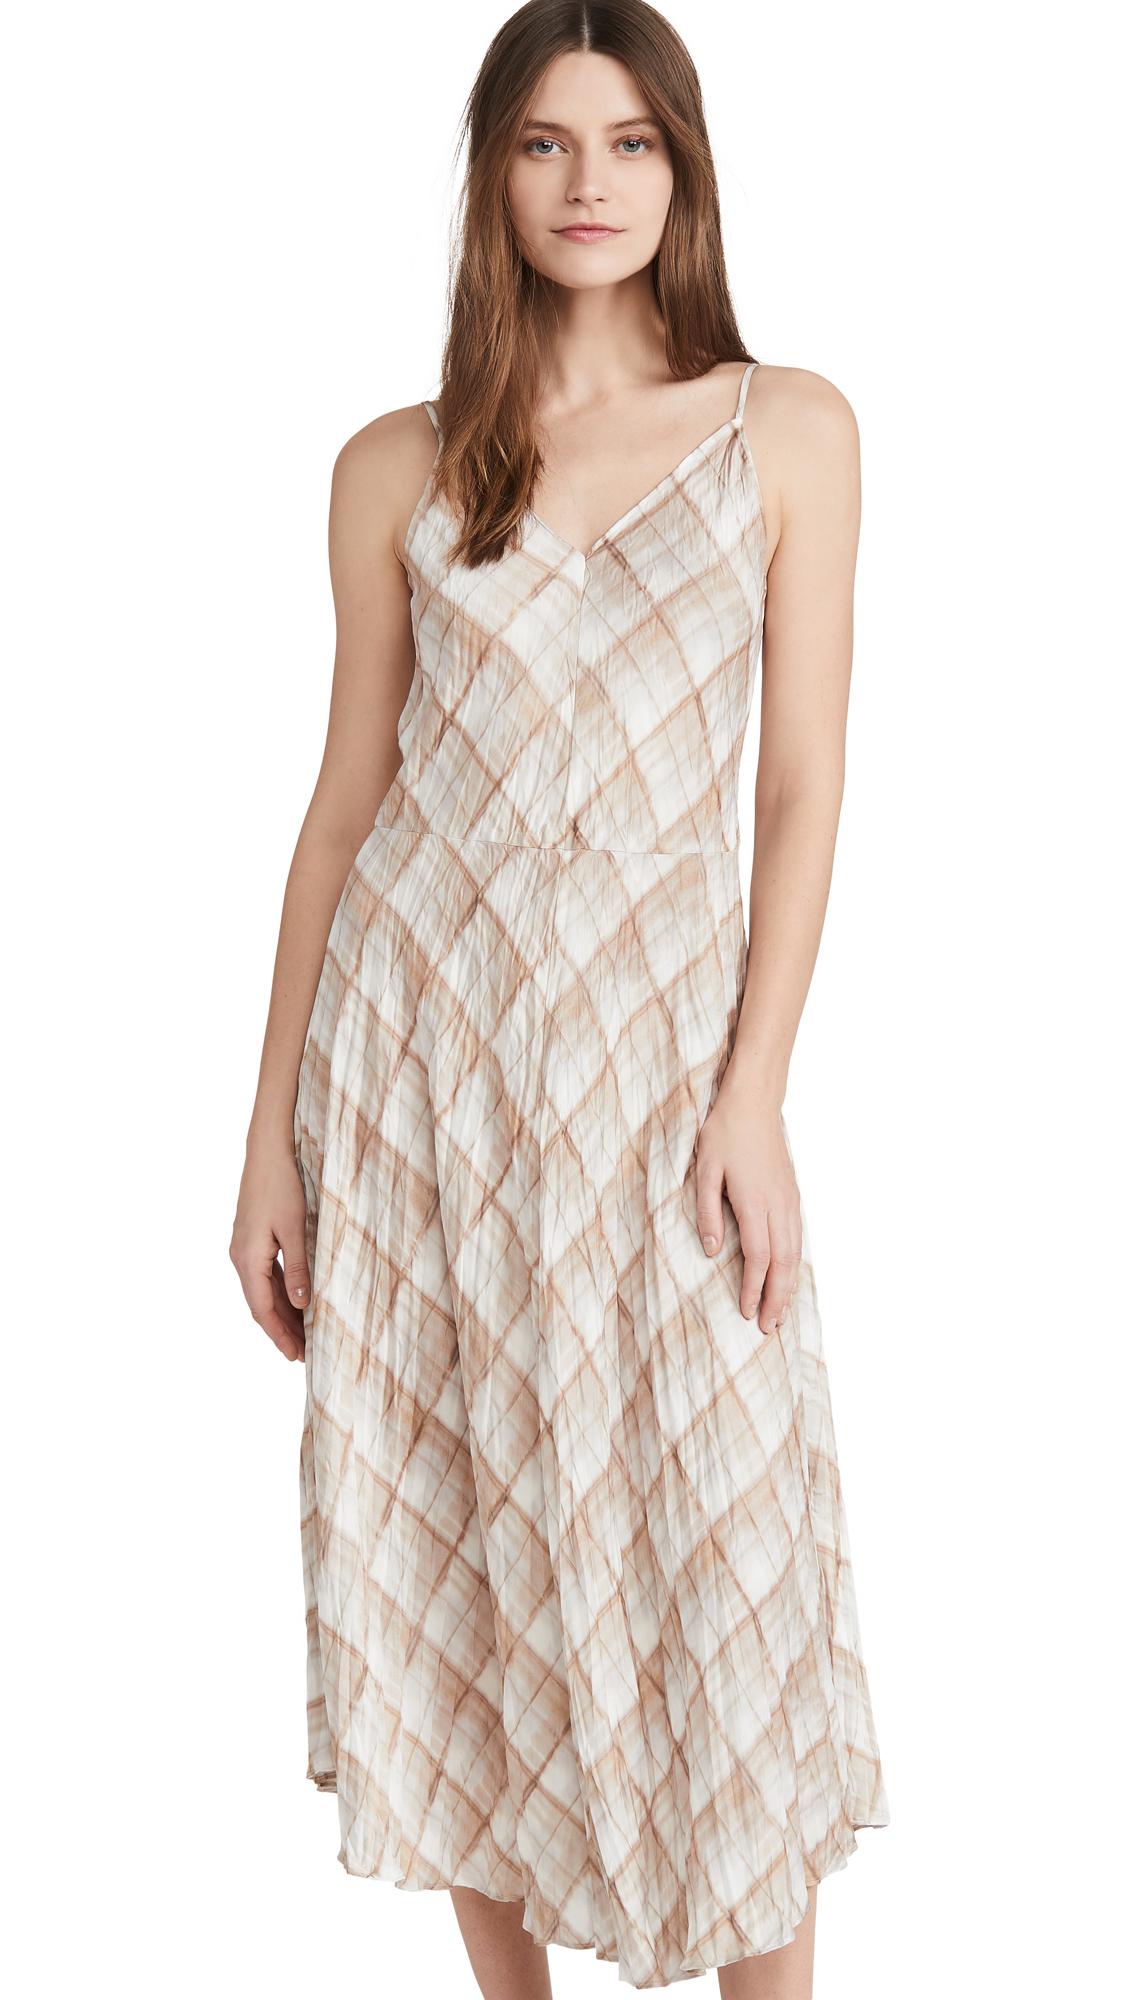 Vince Hazy Plaid Cami Dress